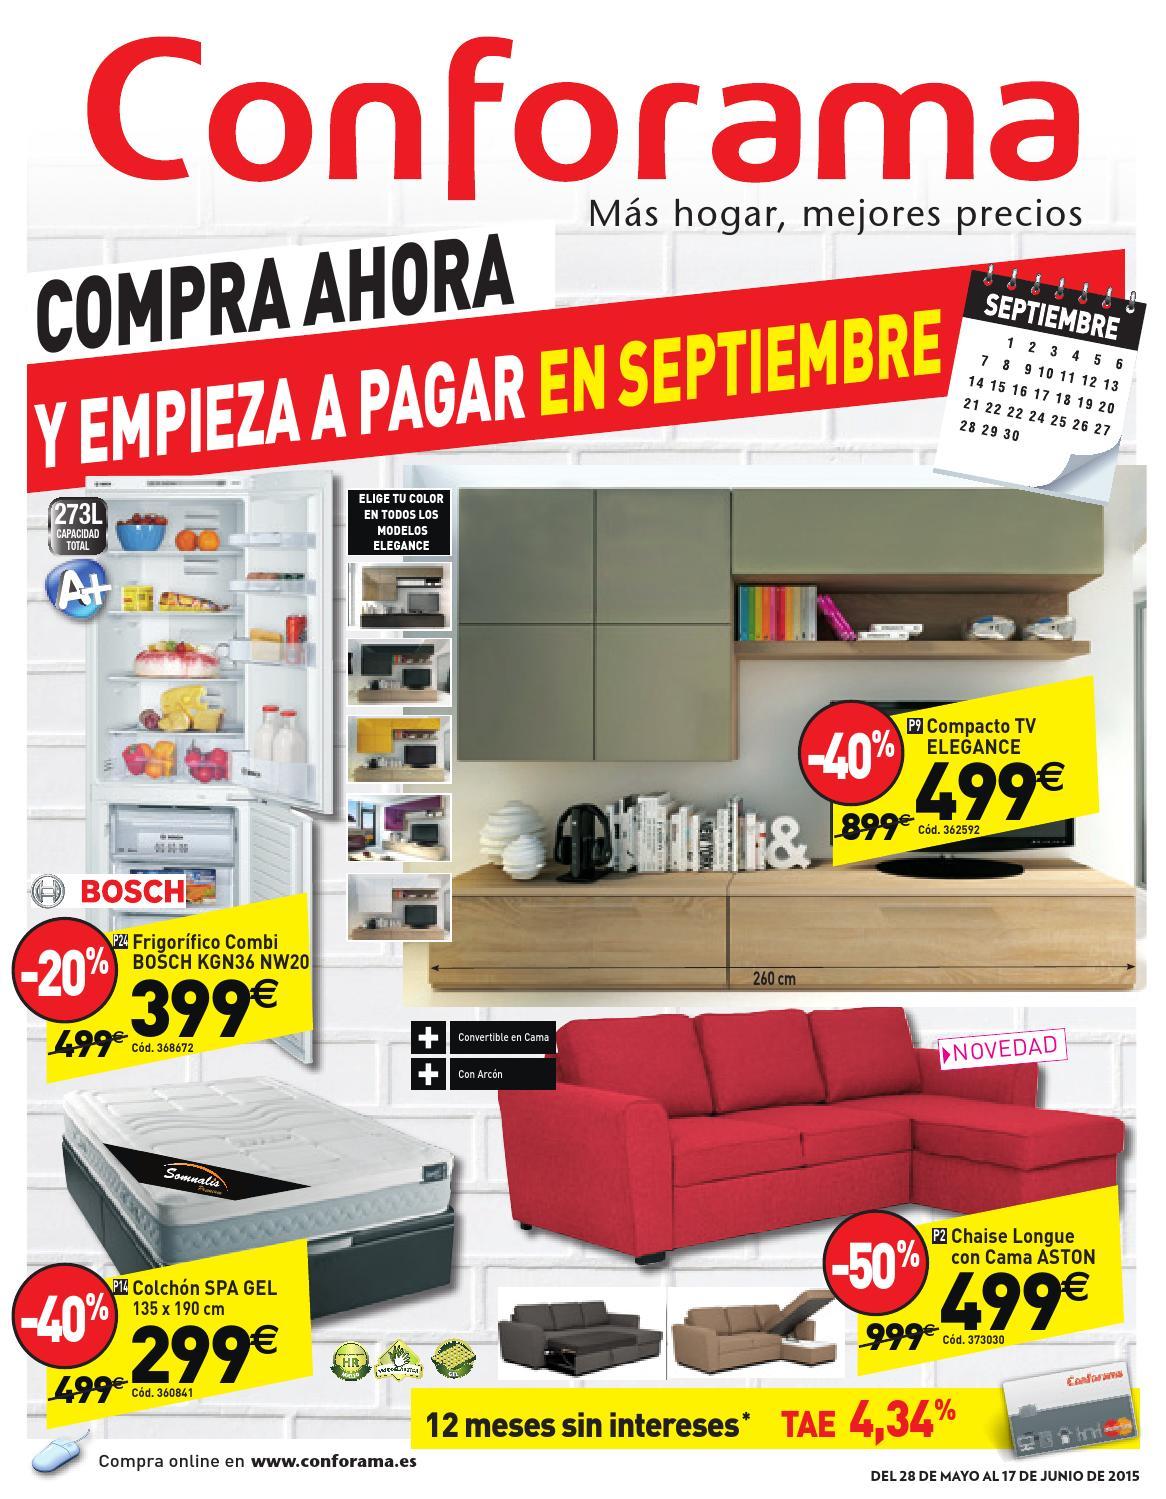 Conforama Catalogo 28mayo 27junio2015 By Catalogopromociones Com  # Muebles Comedor Conforama